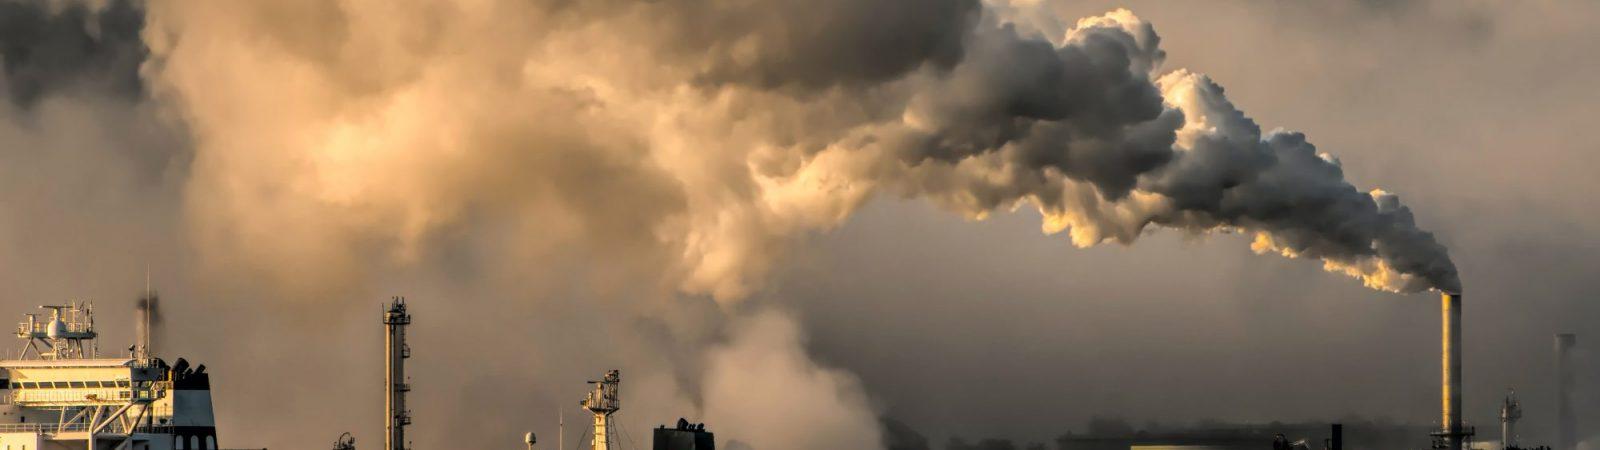 En el día de la Madre Tierra, Guterres demanda la aplicación de las medidas económicas para la descarbonización de la economía. Foto: Chris Leboutillier